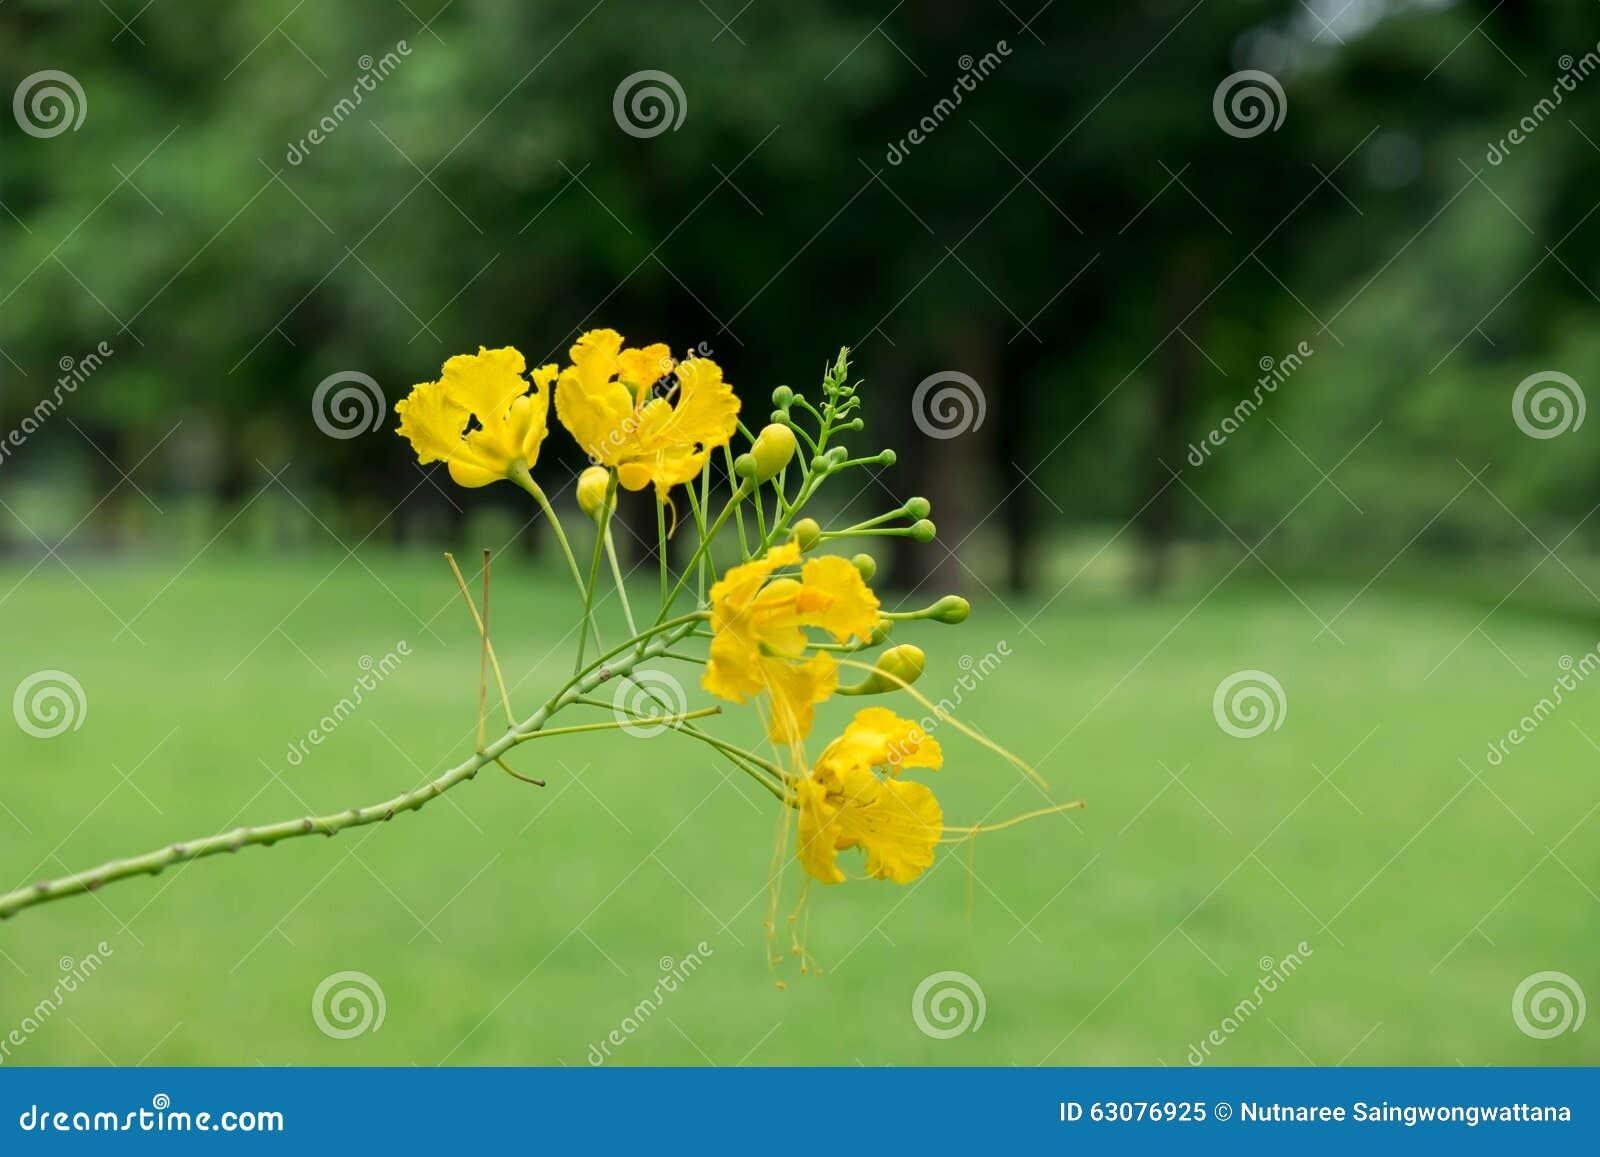 Download Fleur Jaune De Foyer Dans Le Jardin Image stock - Image du ressource, floraison: 63076925